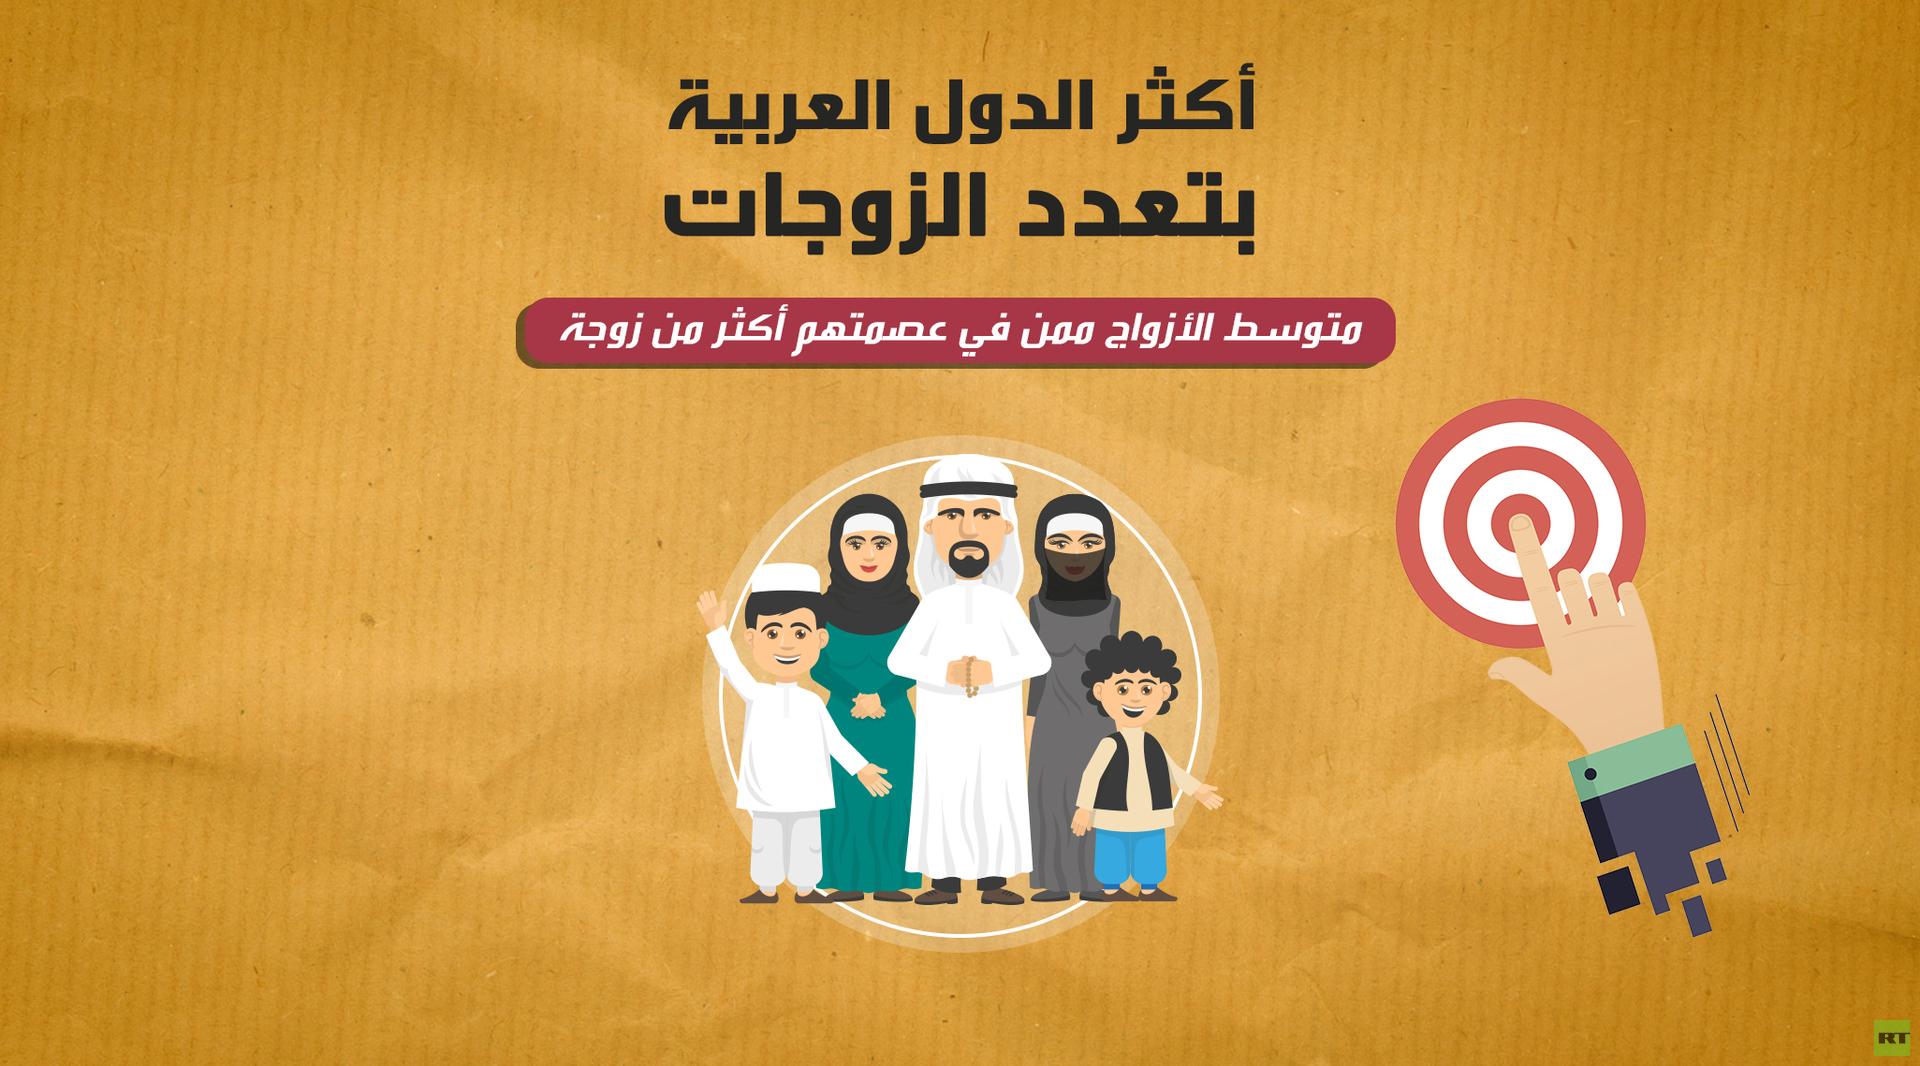 أكثر الدول العربية بتعدد الزوجات